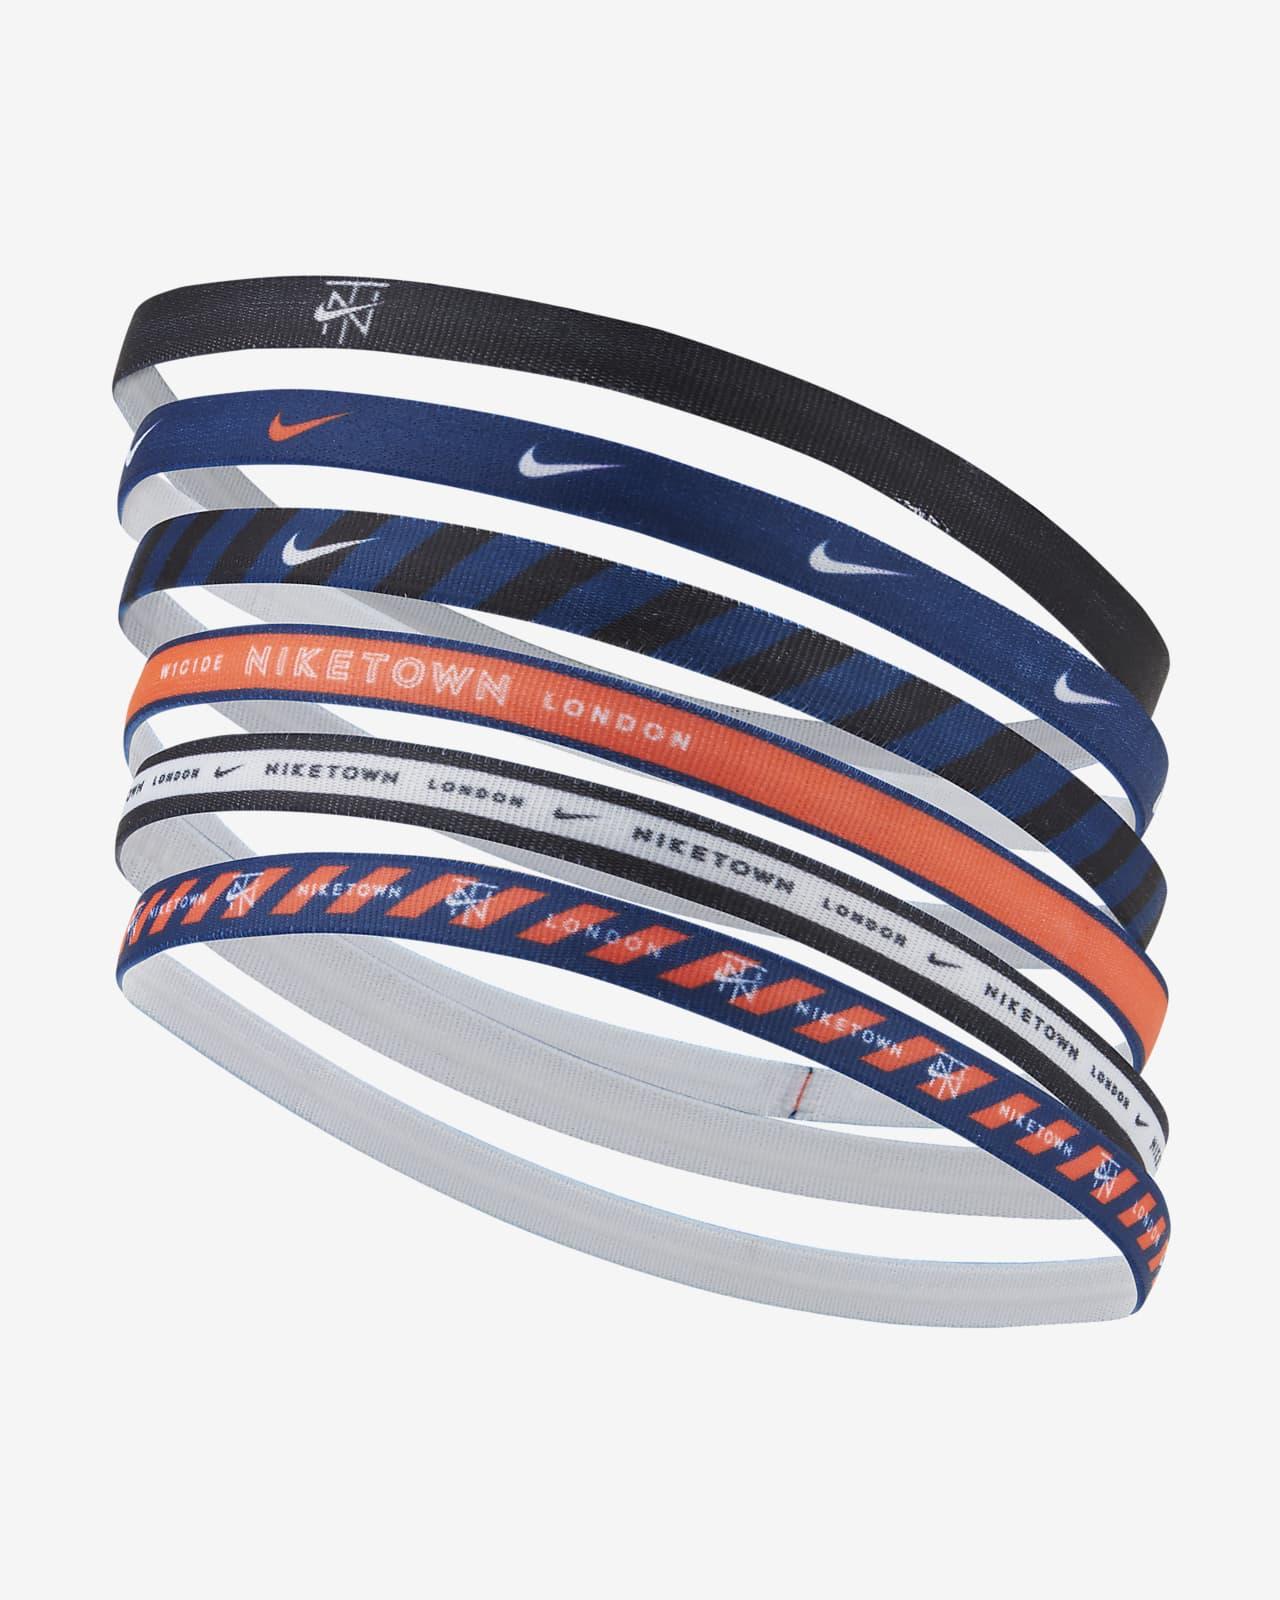 Nike (Niketown London) Hoofdbanden met print (6 stuks)